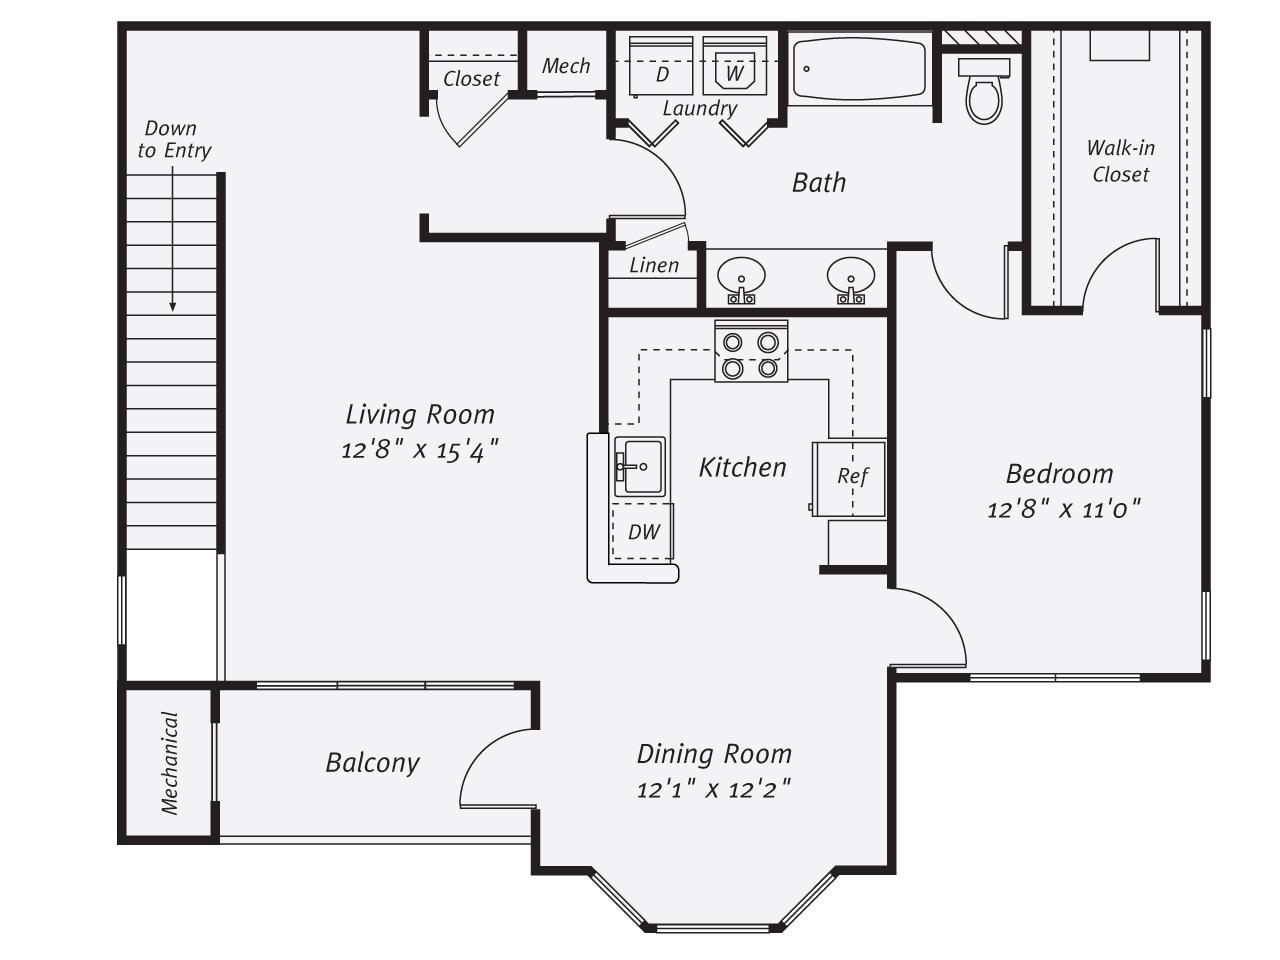 Ny coram thepointatpineridge p0571769 ny014 a4 2 floorplan